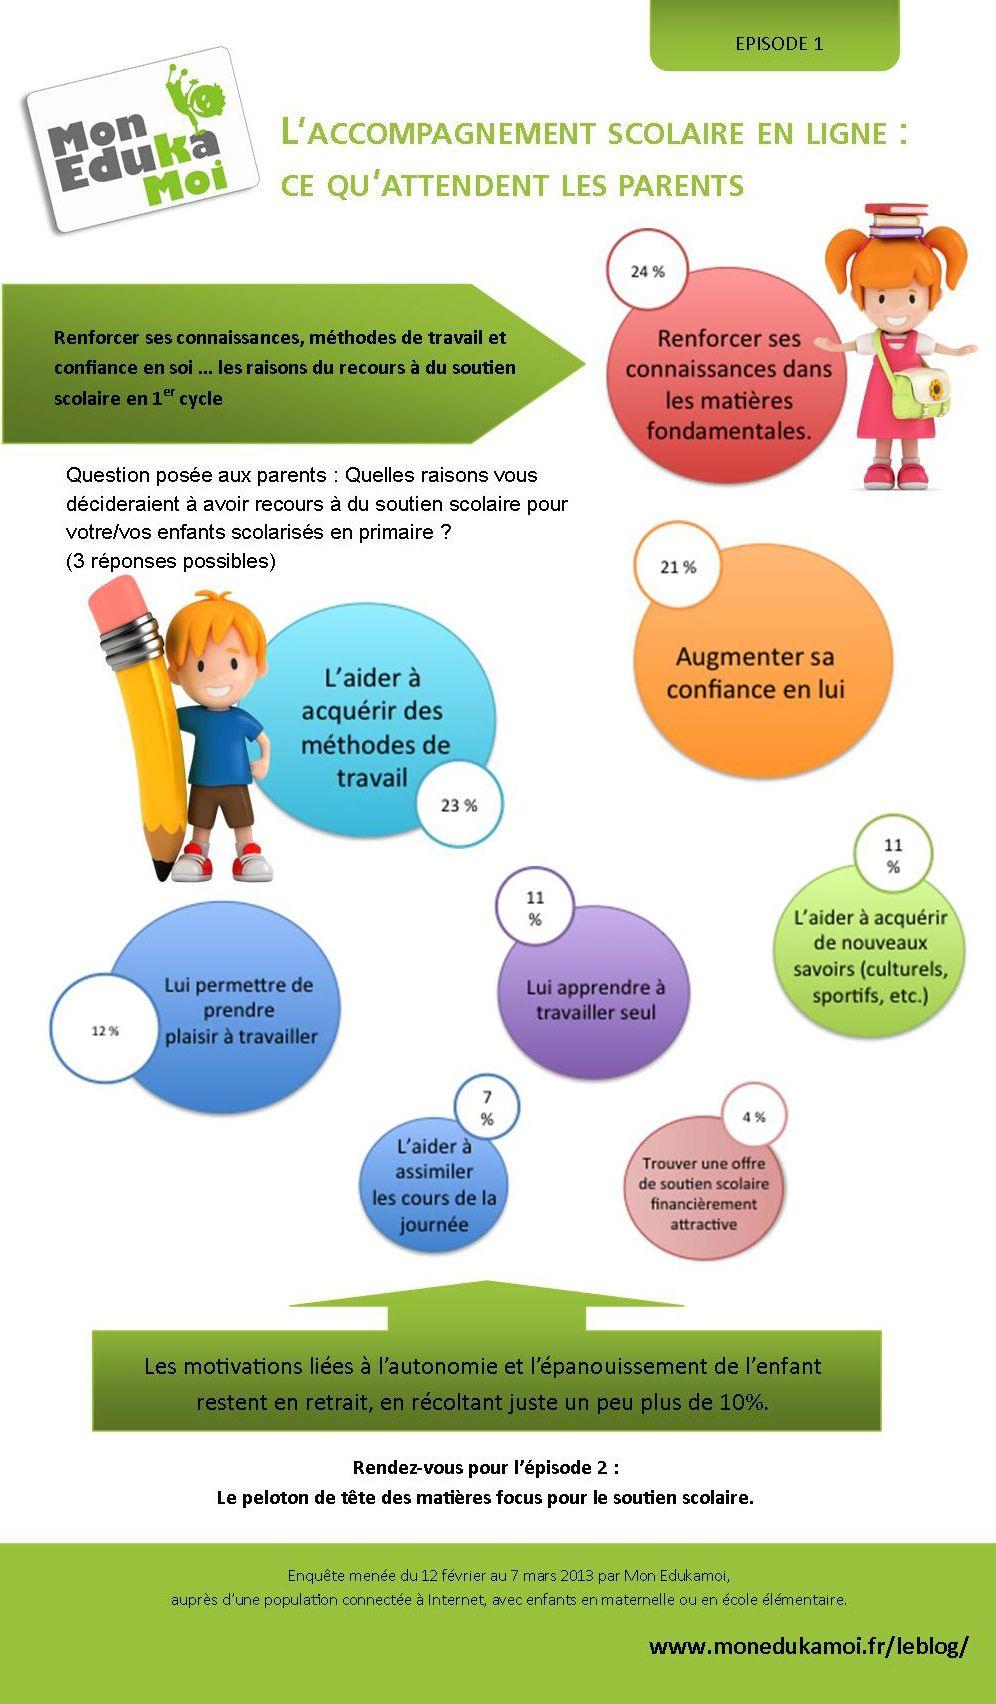 L'accompagnement scolaire en ligne : ce qu'attendent les parents. http://www.monedukamoi.fr/leblog/